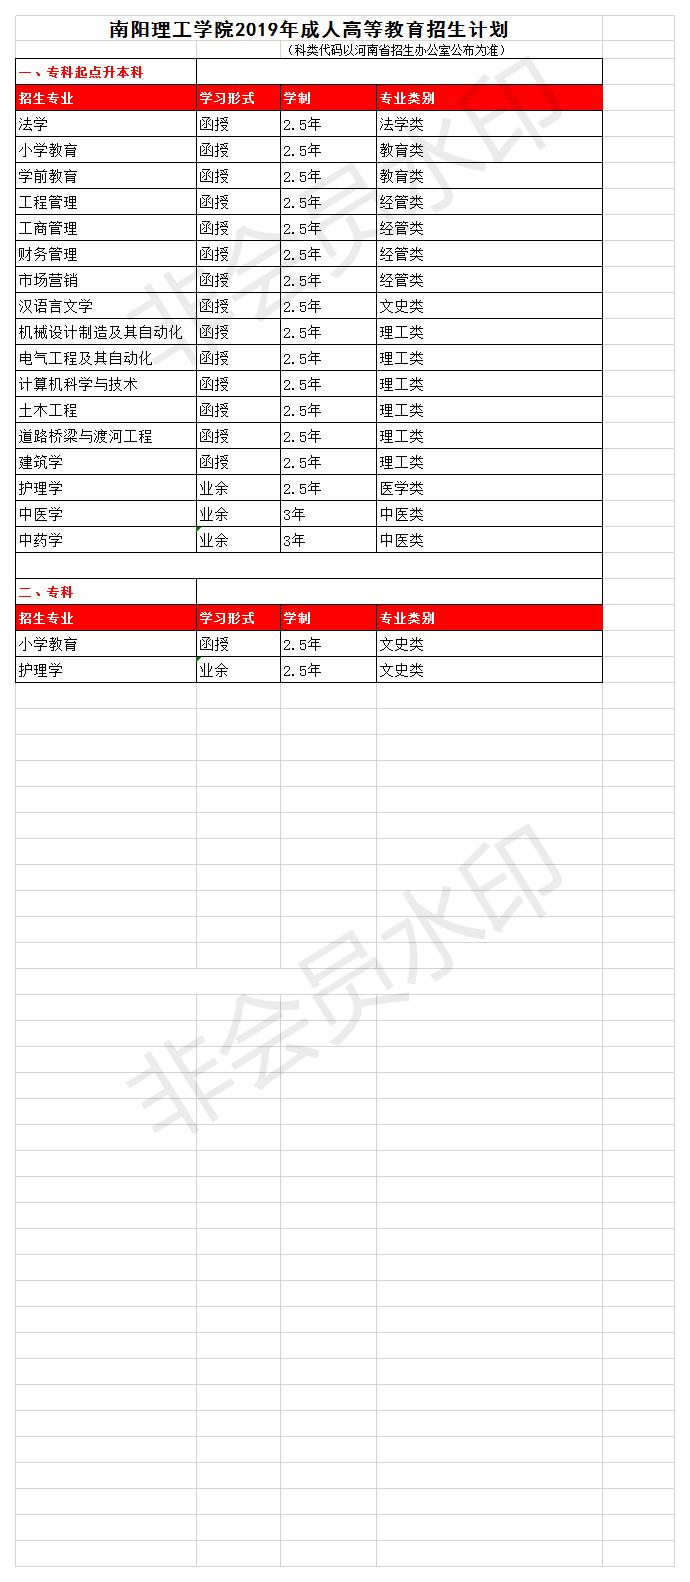 南陽理工學院大學招生2019